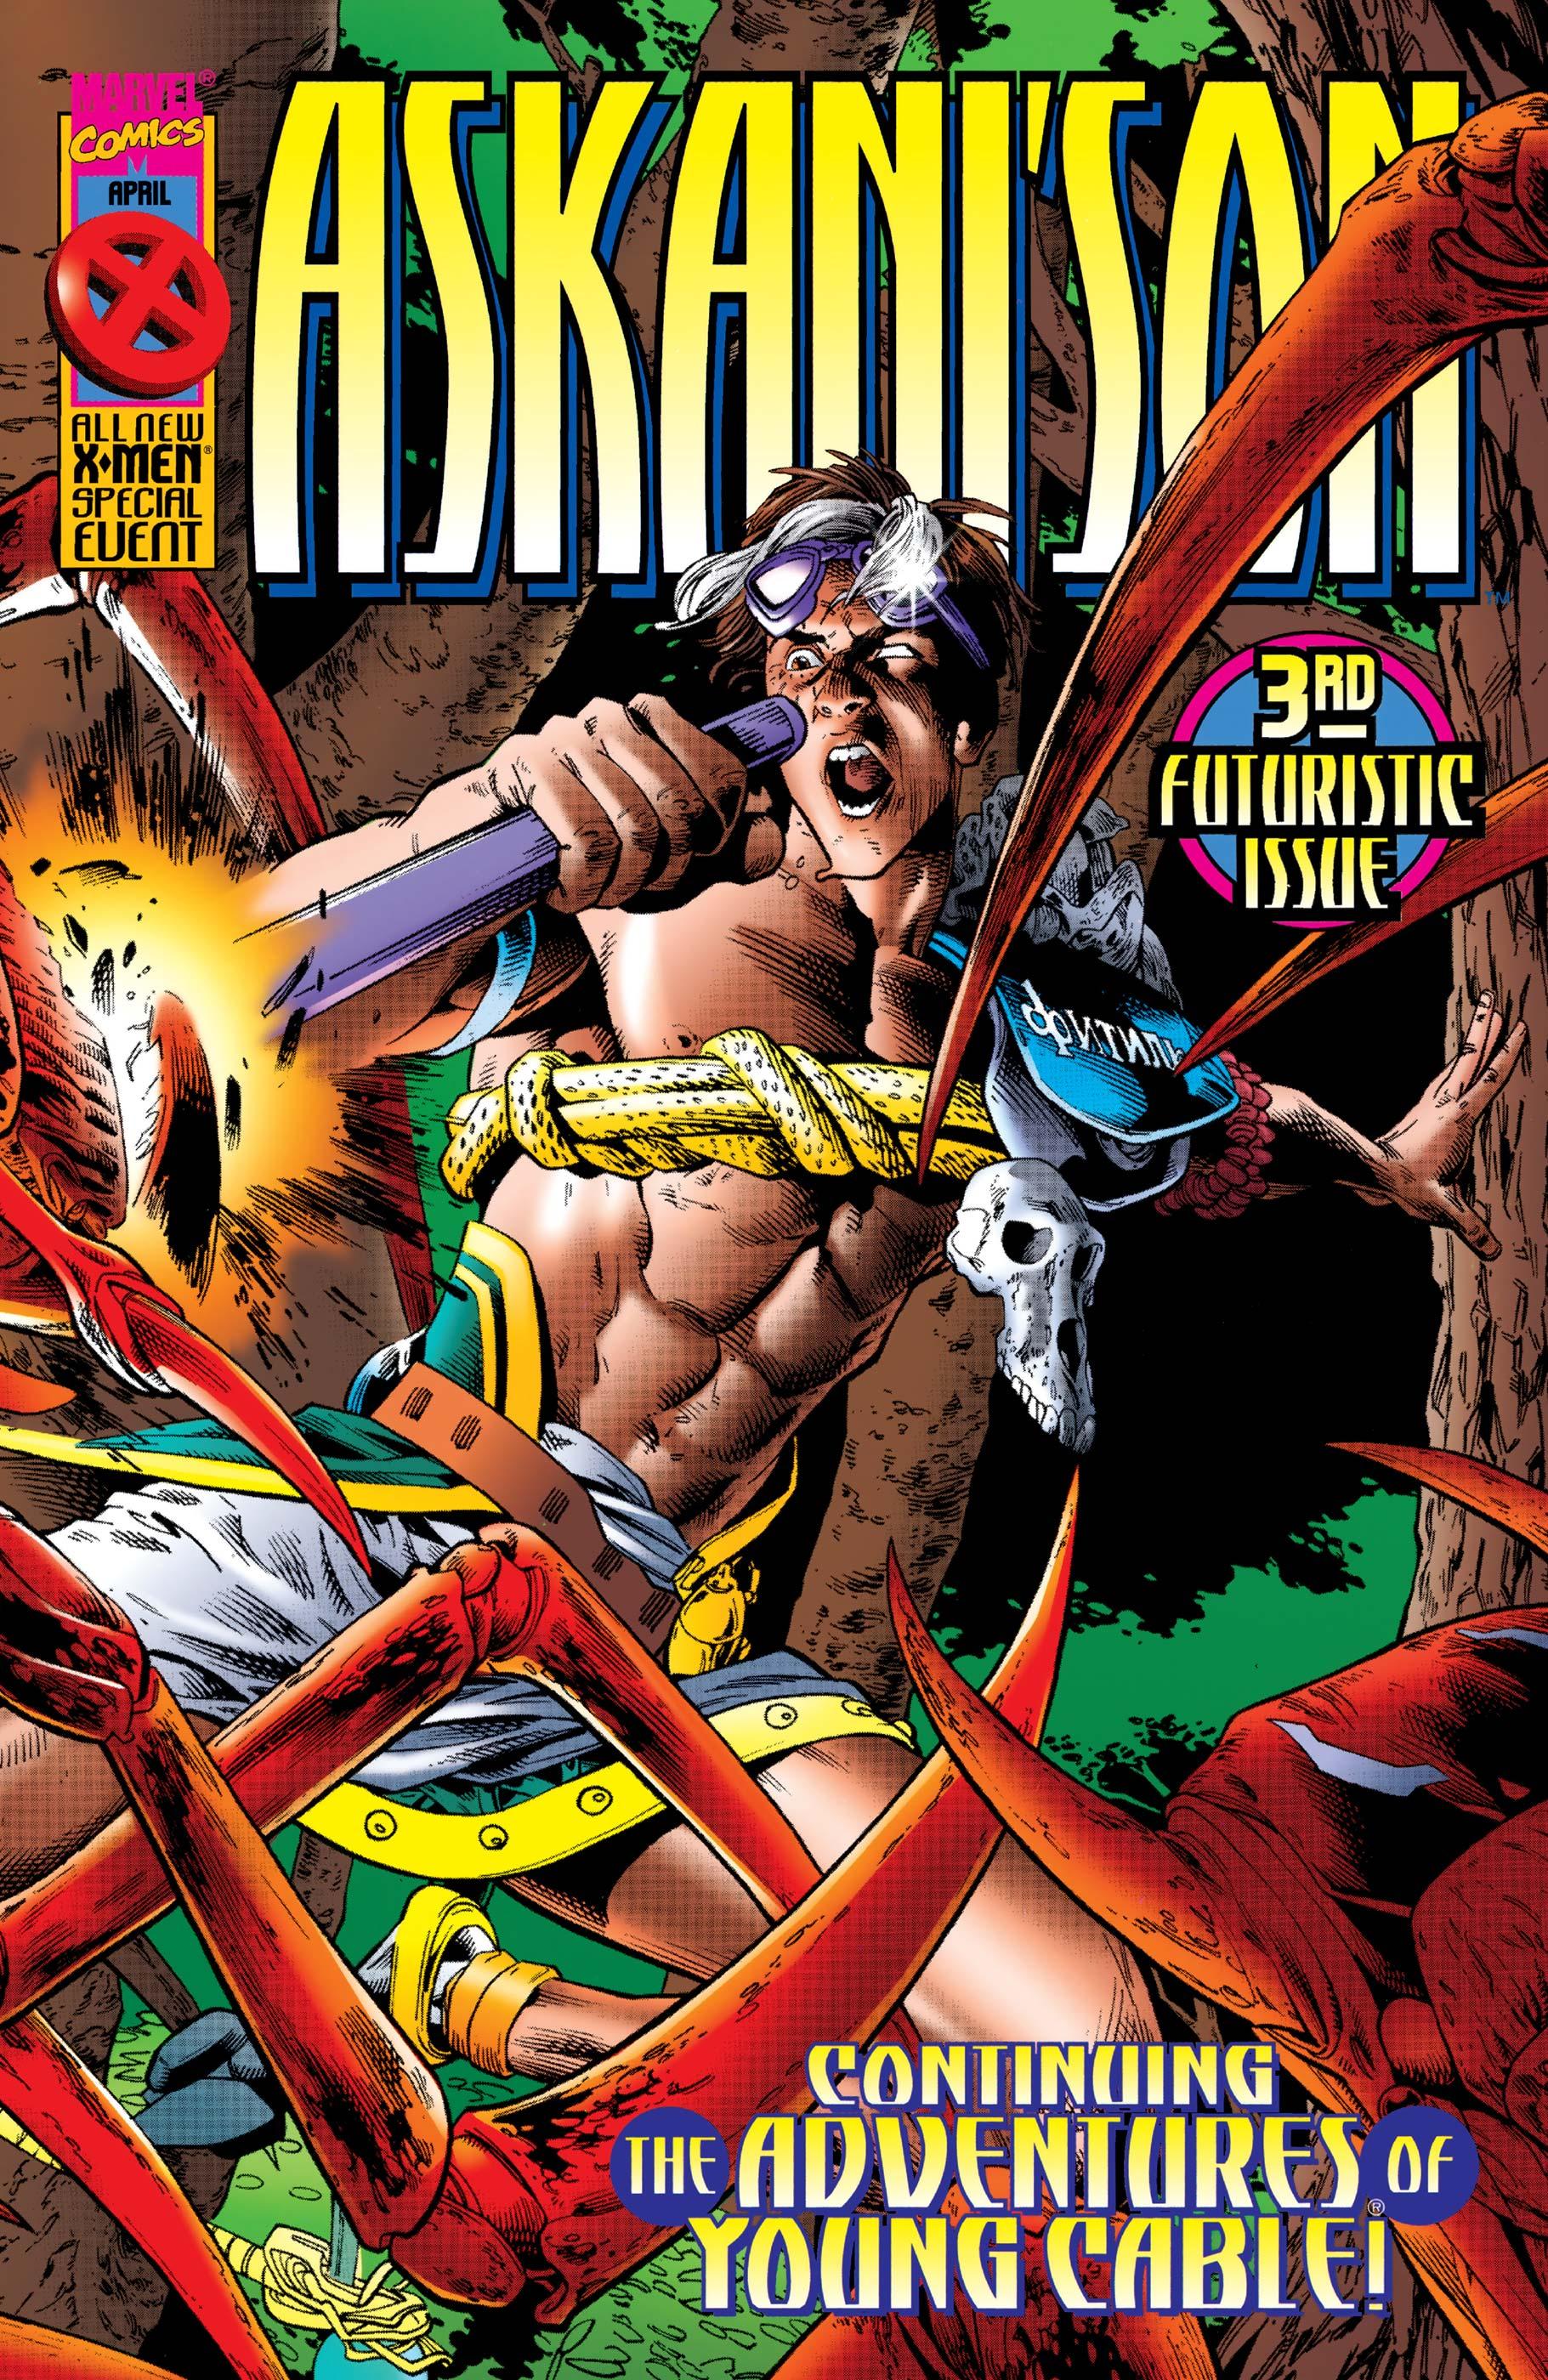 ASKANI'SON (1996) #3